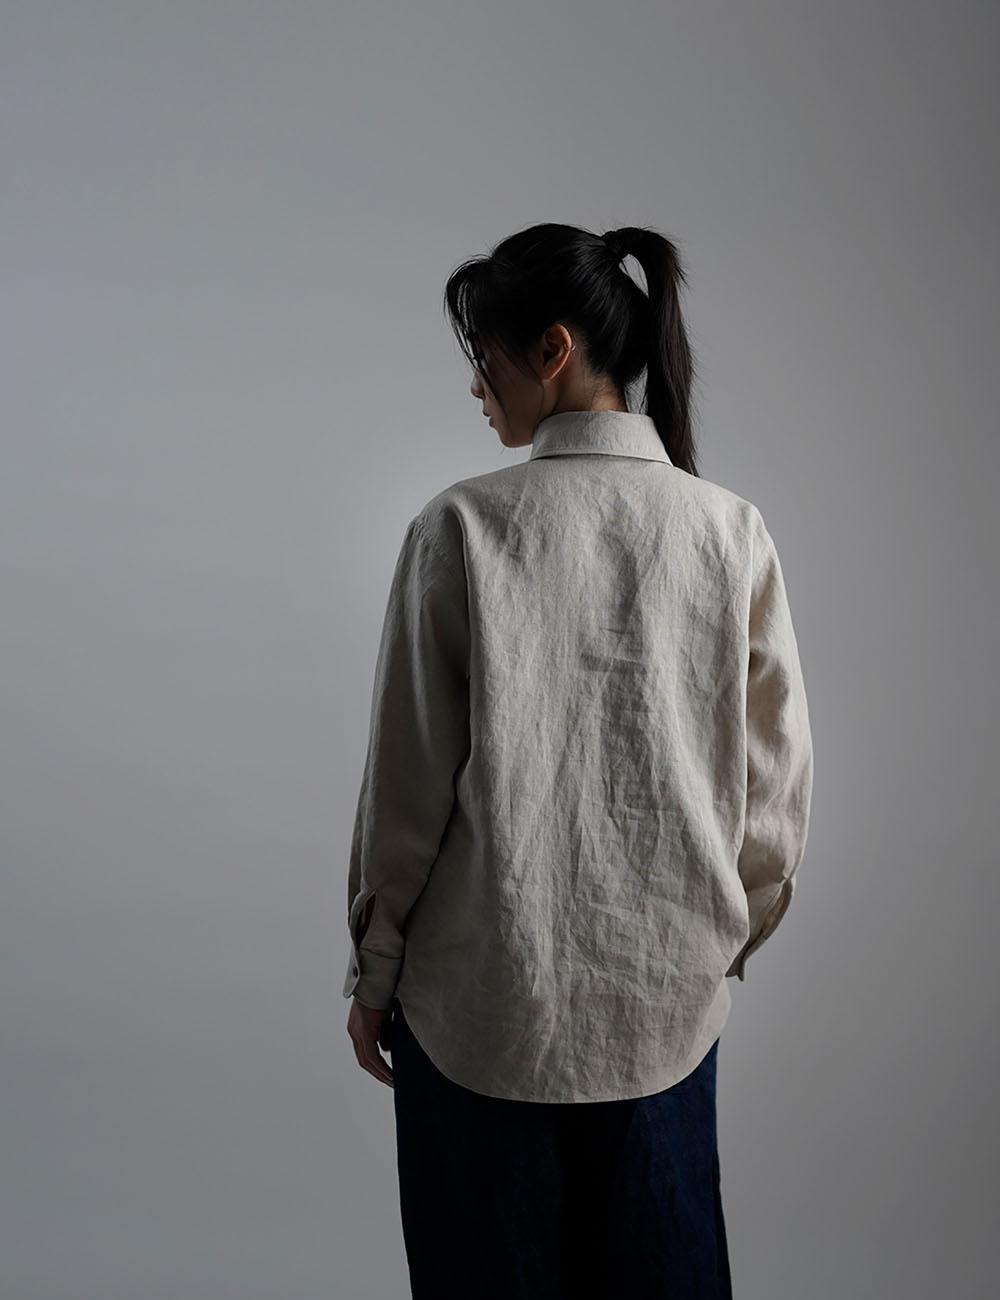 【wafu】Linen Shirt ショールカラー ブラウス /亜麻ナチュラル t036b-amn1